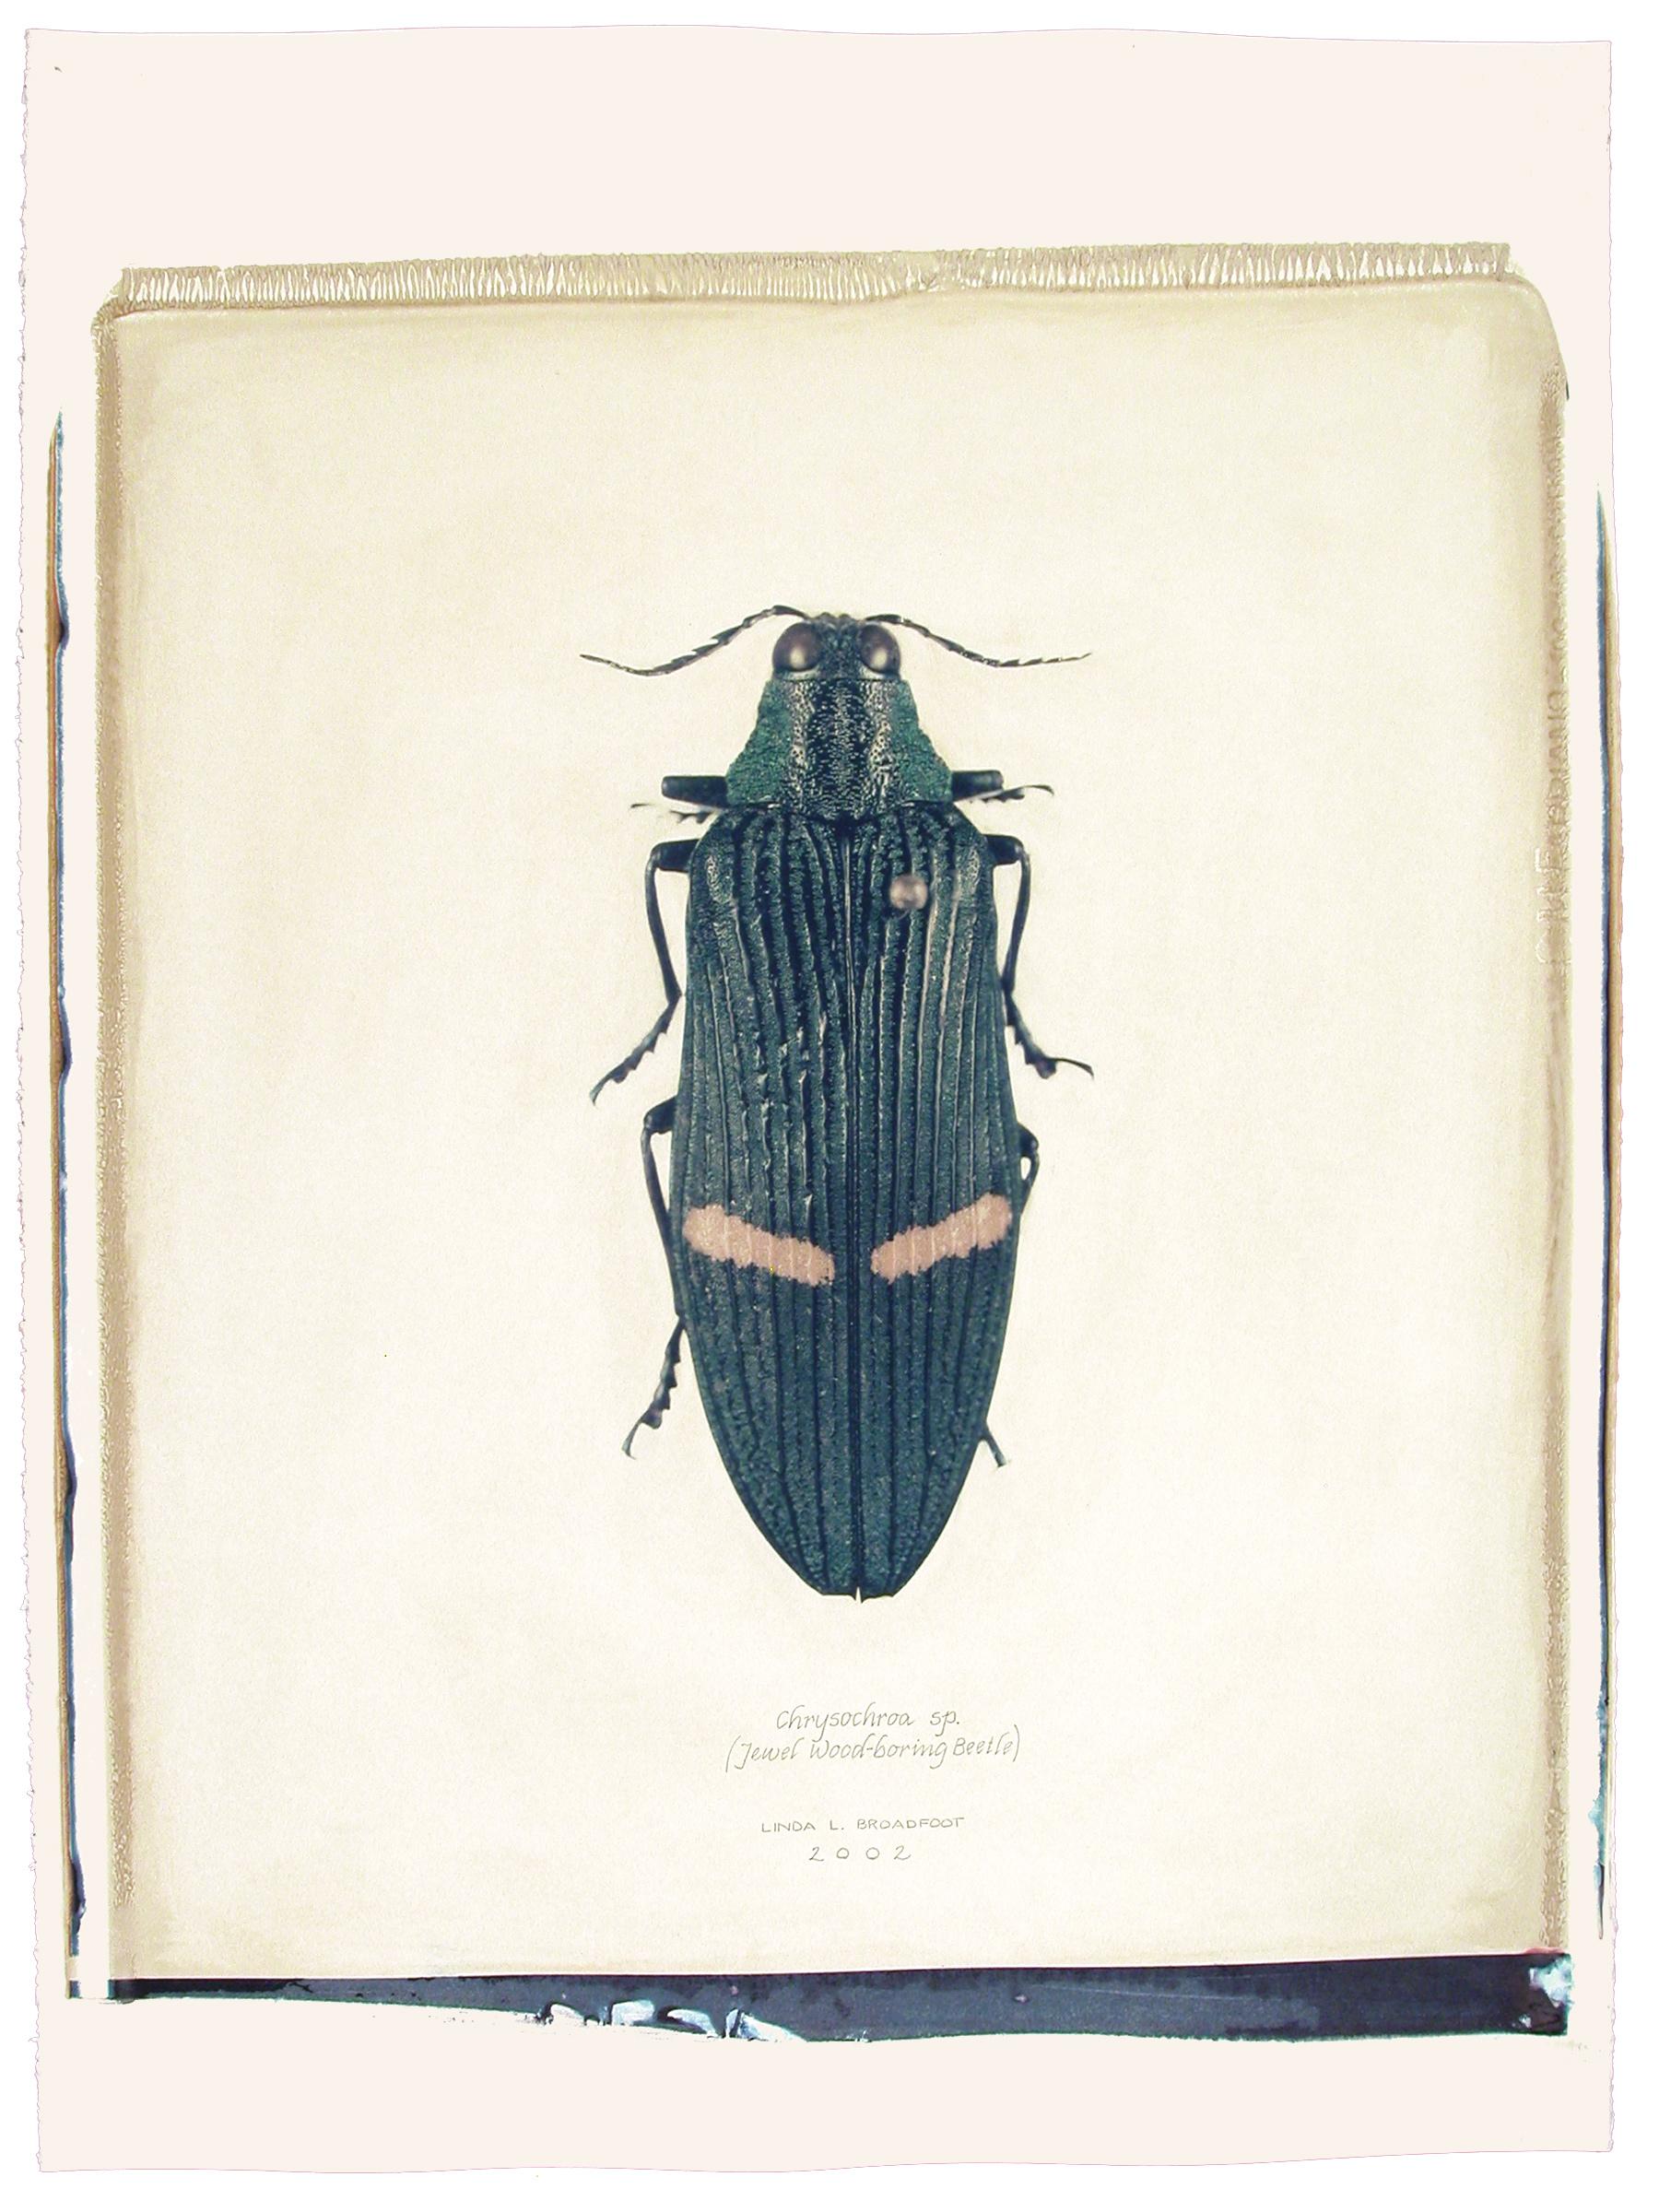 Chrysochroa sp.  (Jewel Wood-boring Beetle), 2002